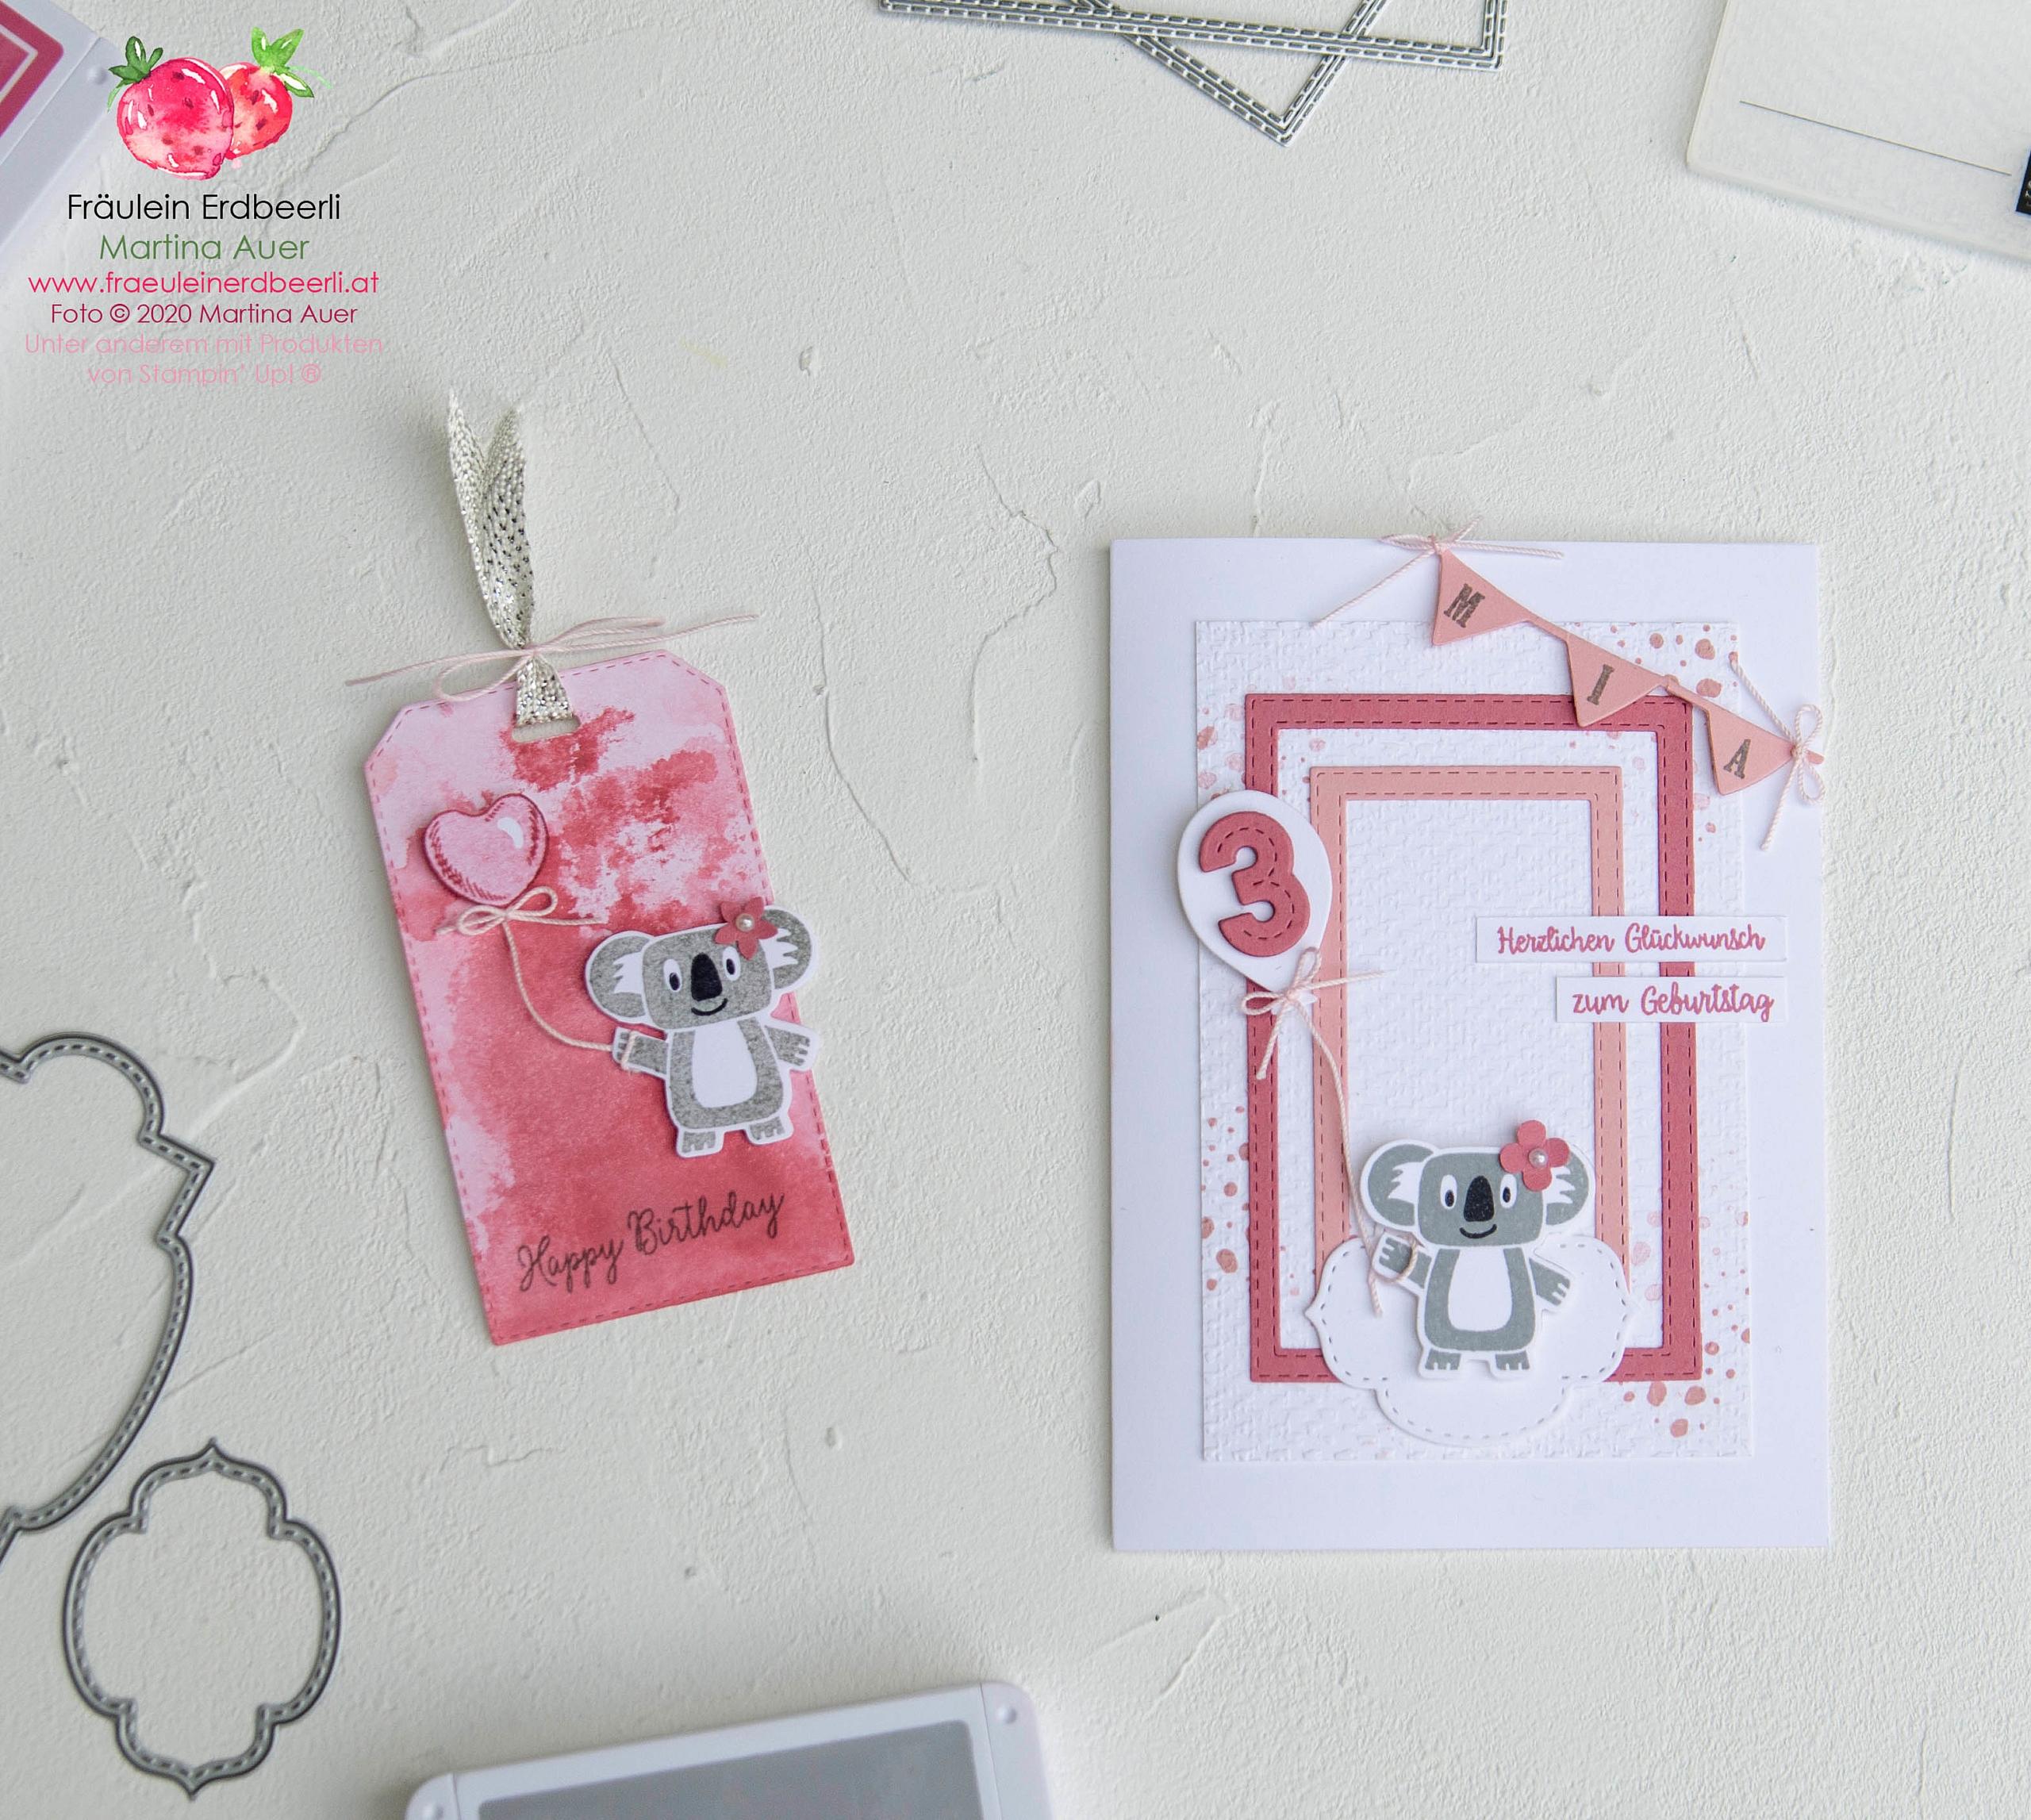 Bonanza Buddies Koala Maedchen Stampin' Up! Anhaenger Tag Karte Card Geburtstag Birthday